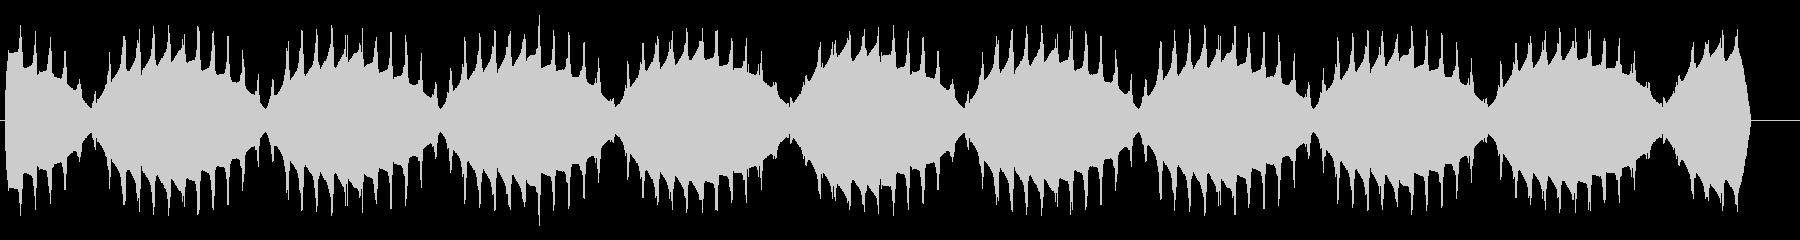 ボワーン(揺らぐ高音のワープエンジン)の未再生の波形